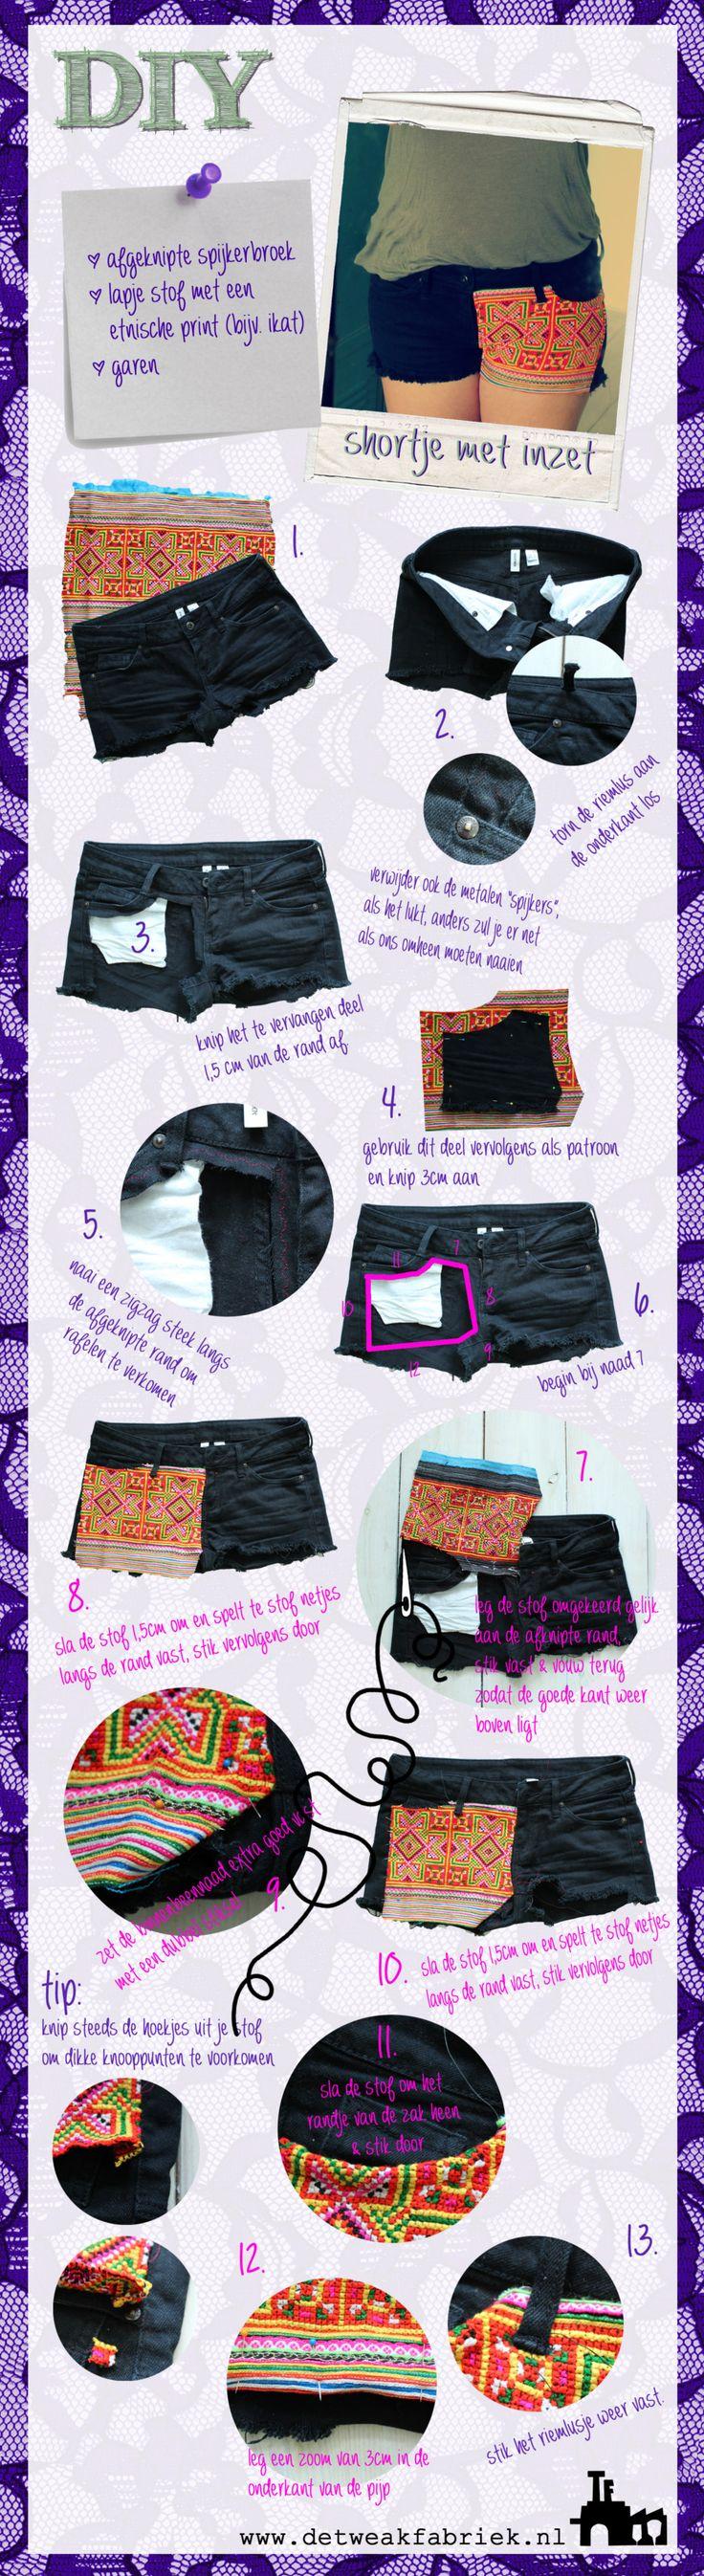 DIY shorts: maak zelf shorts met ethnic print. Complete tutorial